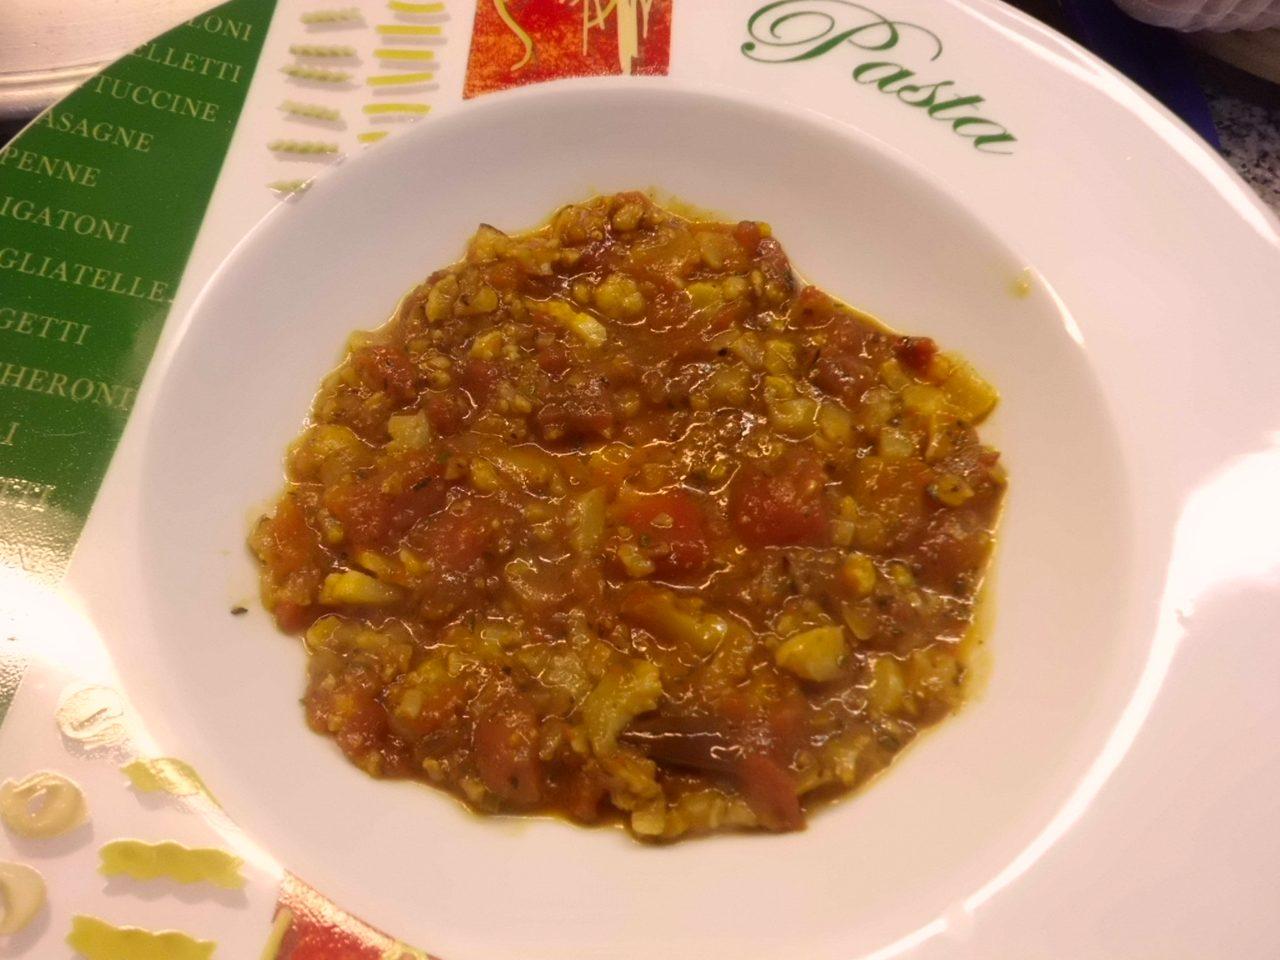 Zuerst etwas Blumenkohl-Bolognese Sauce in den Teller füllen